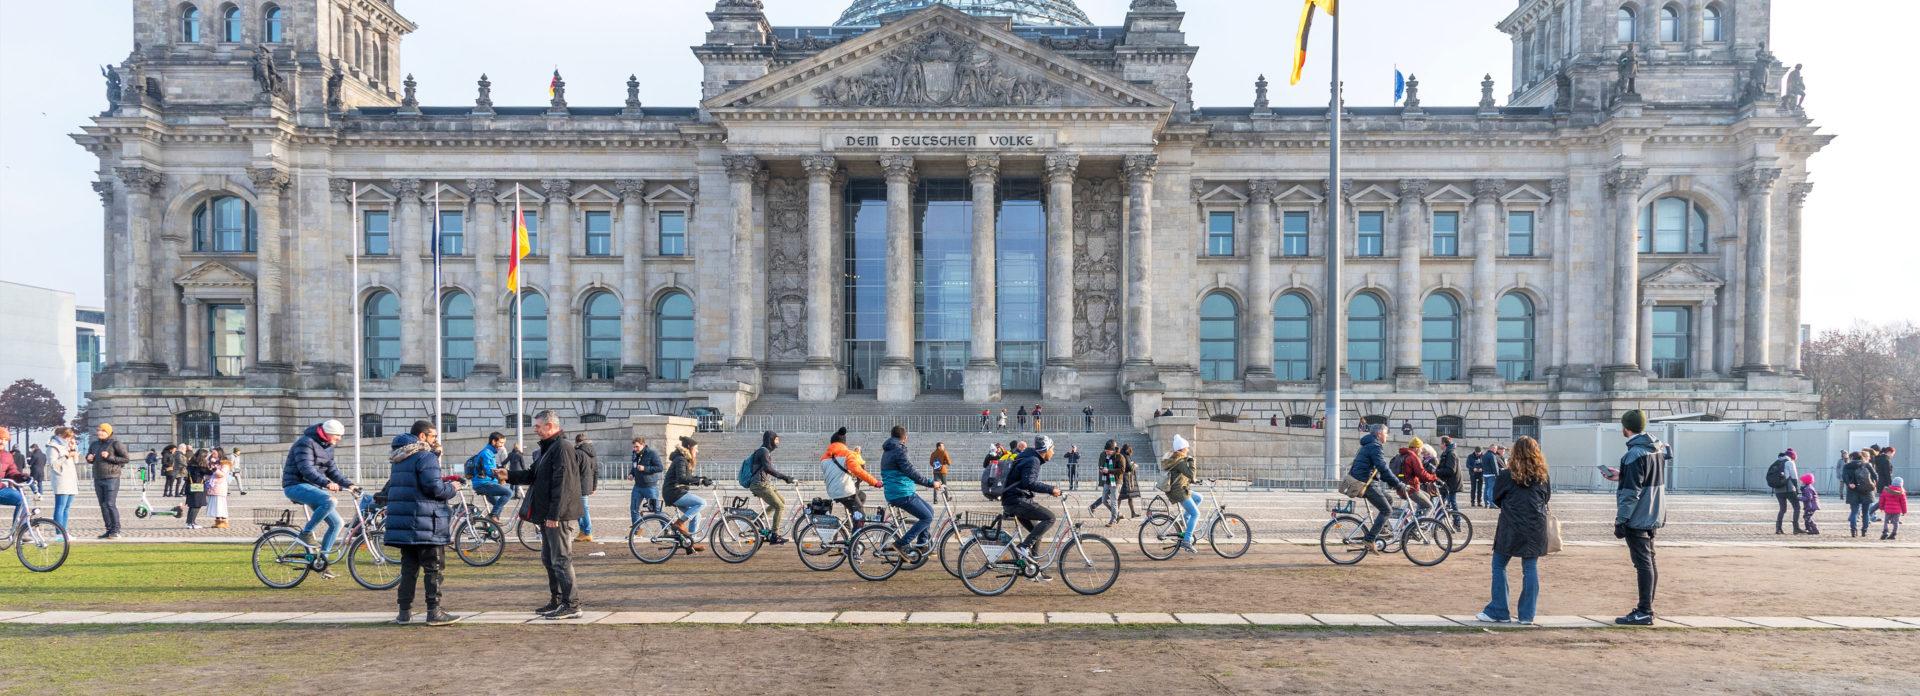 Riksdagsbygningen Reichstag Berlin